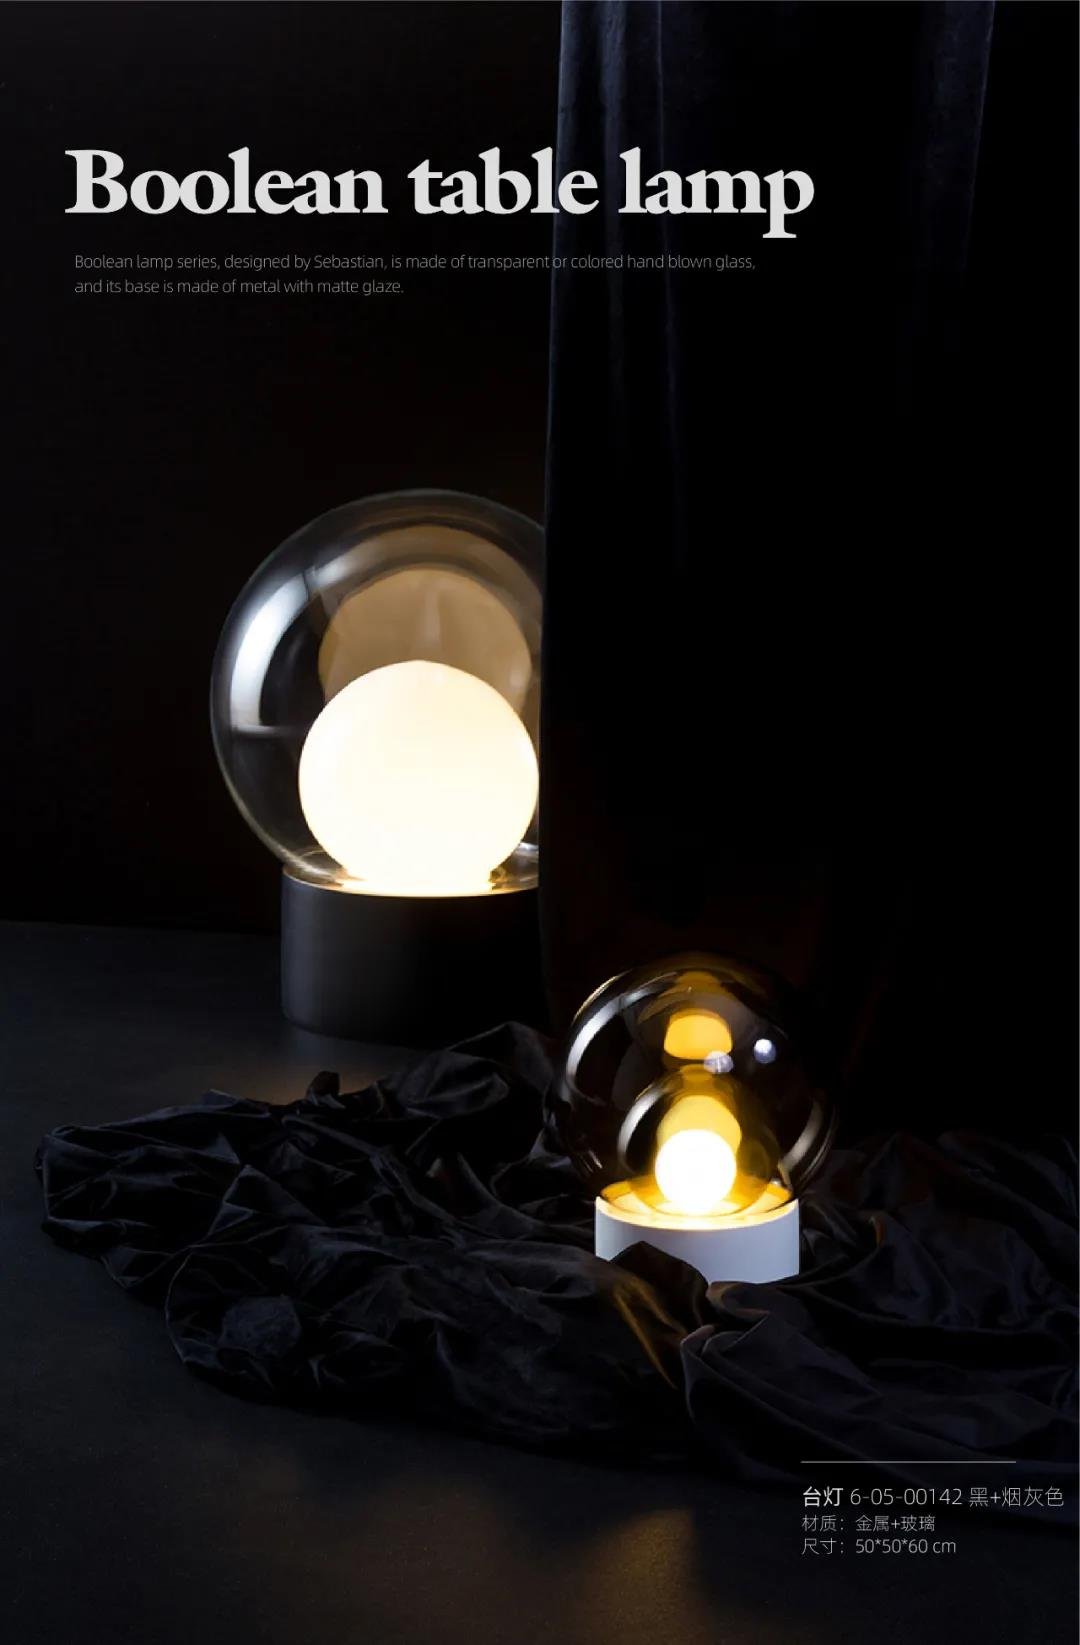 D.LIGHT   光,是空间的内核